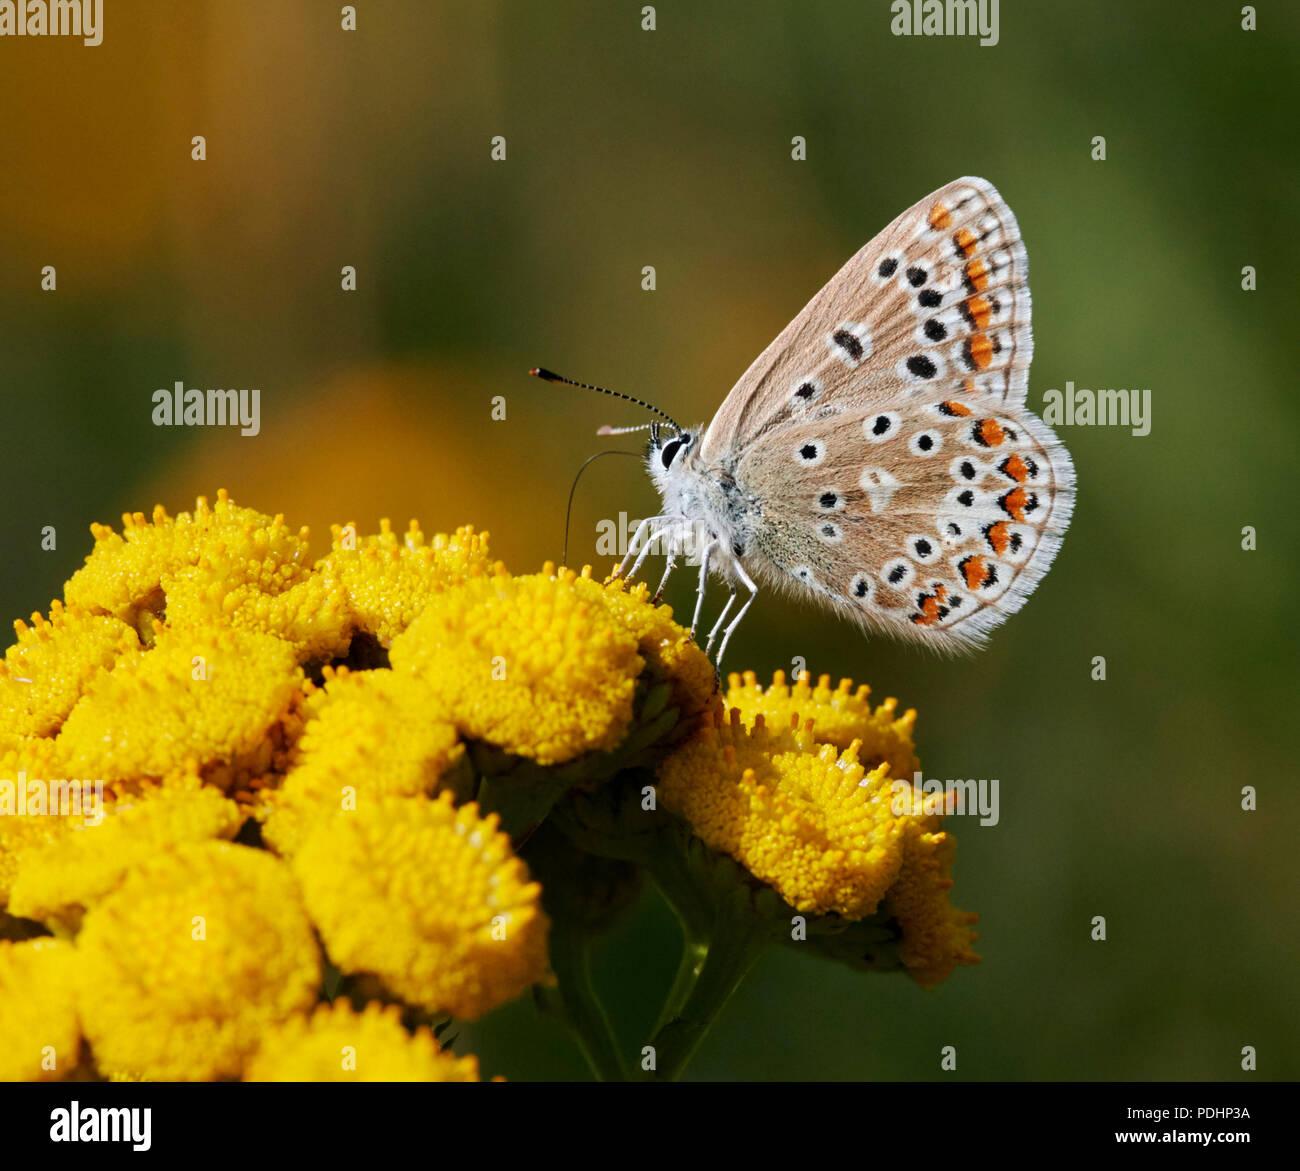 Hembra azul común nectaring sobre Tansy. Hurst Meadows, East Molesey, Surrey, Inglaterra. Imagen De Stock